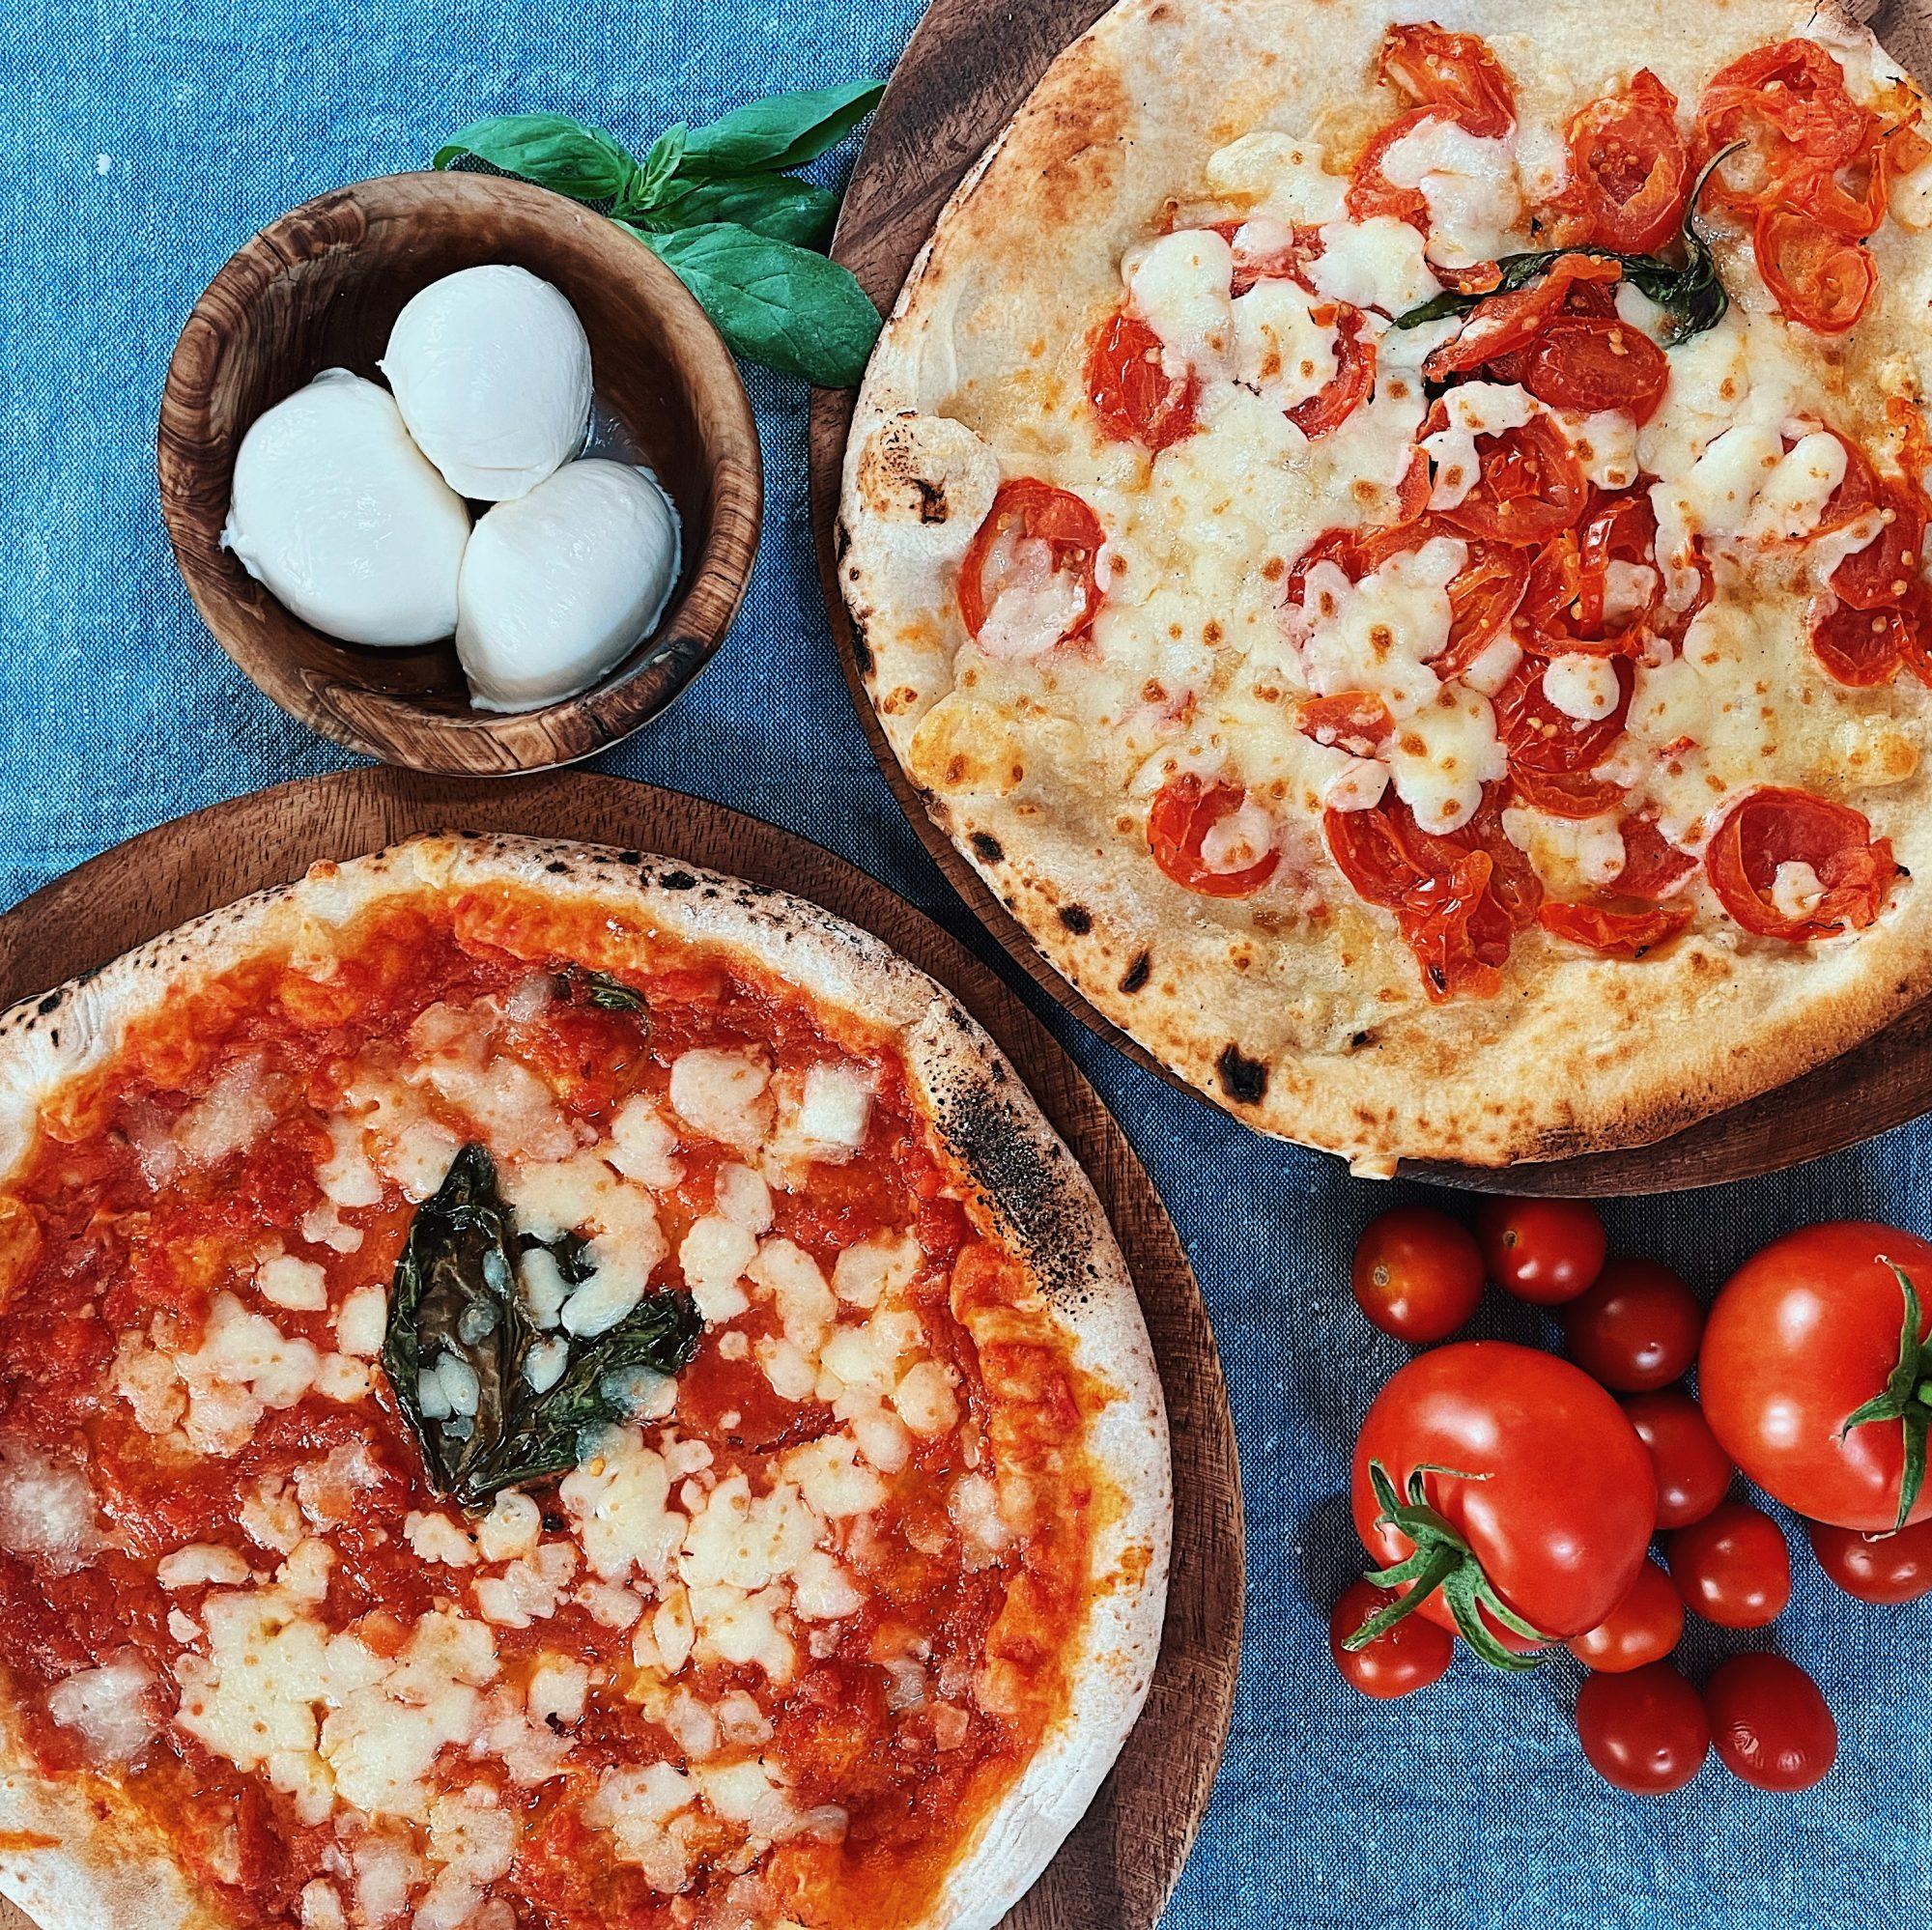 Two round Talia di Napoli pizza pies